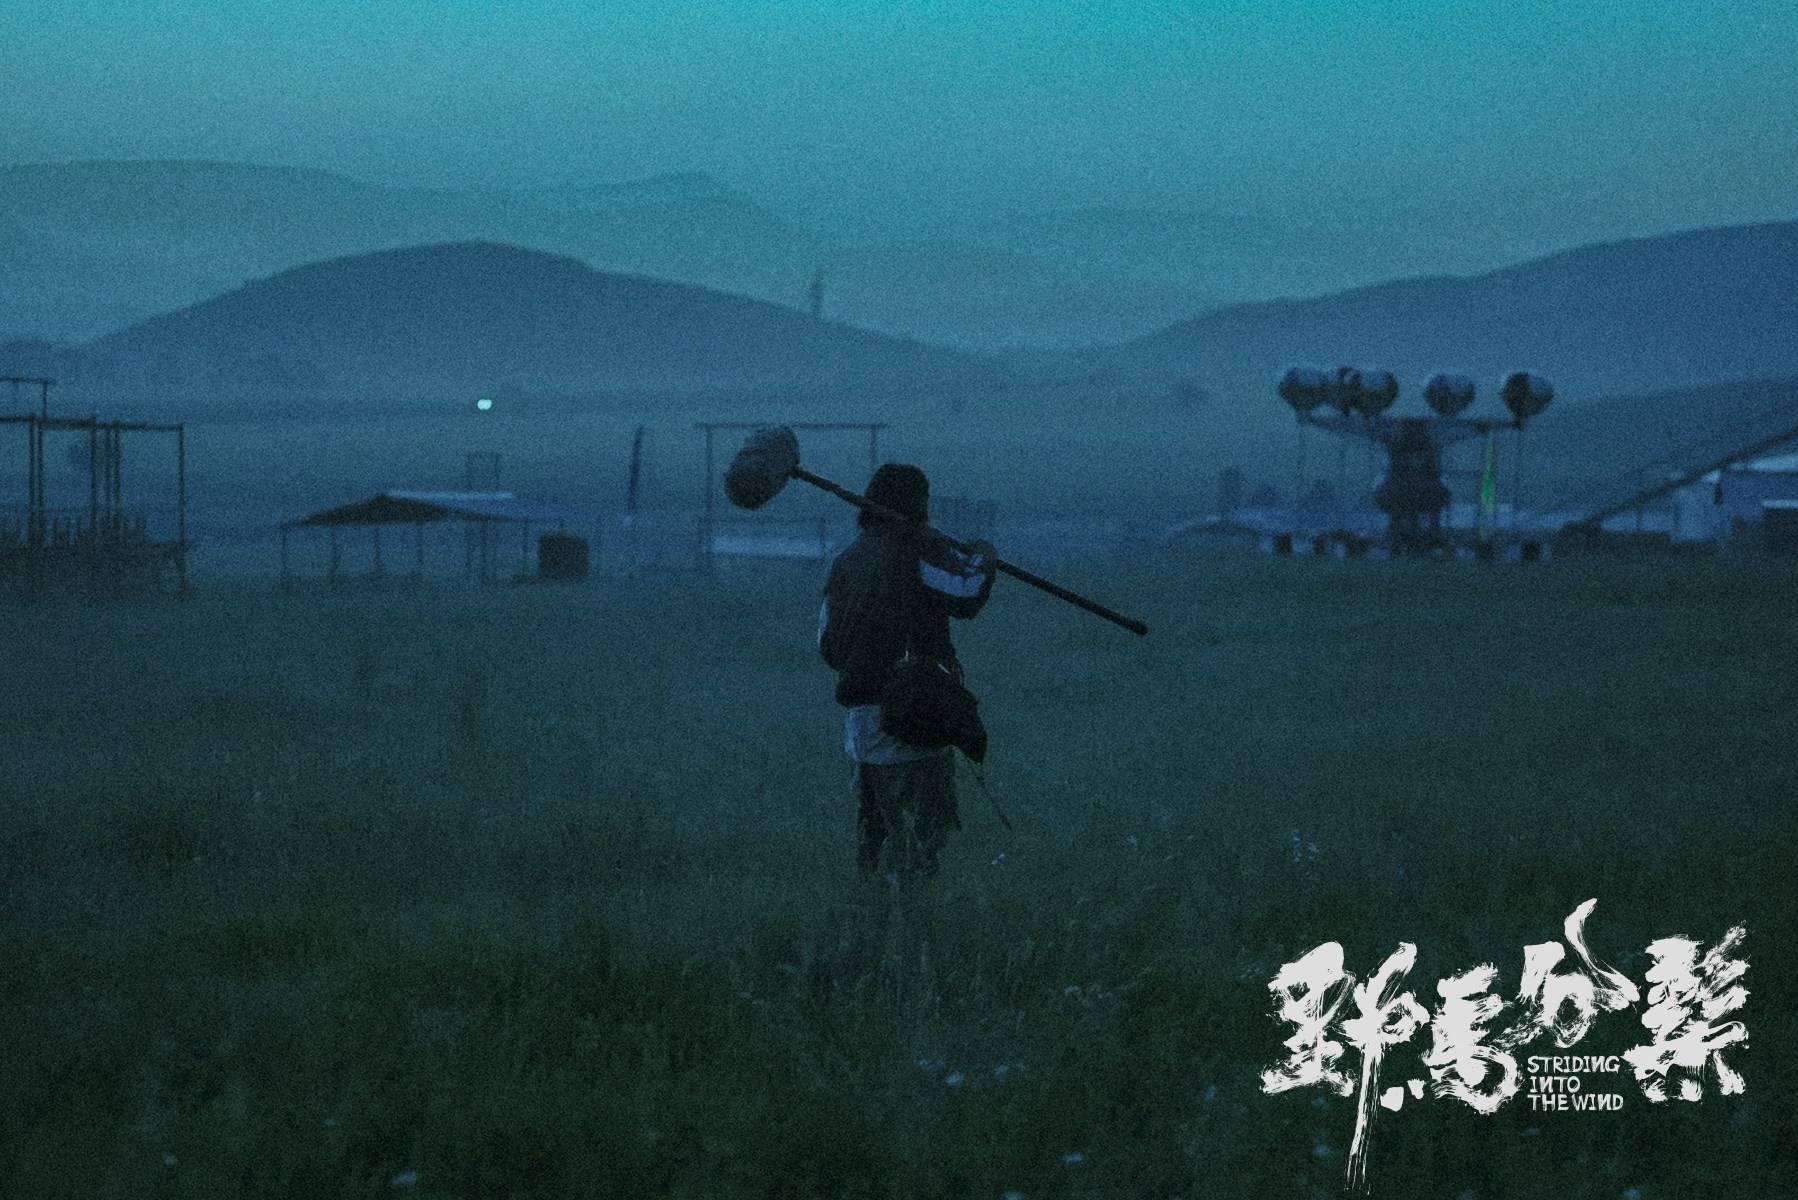 Películas chinas son exhibidas en Festival de Cine de Londres